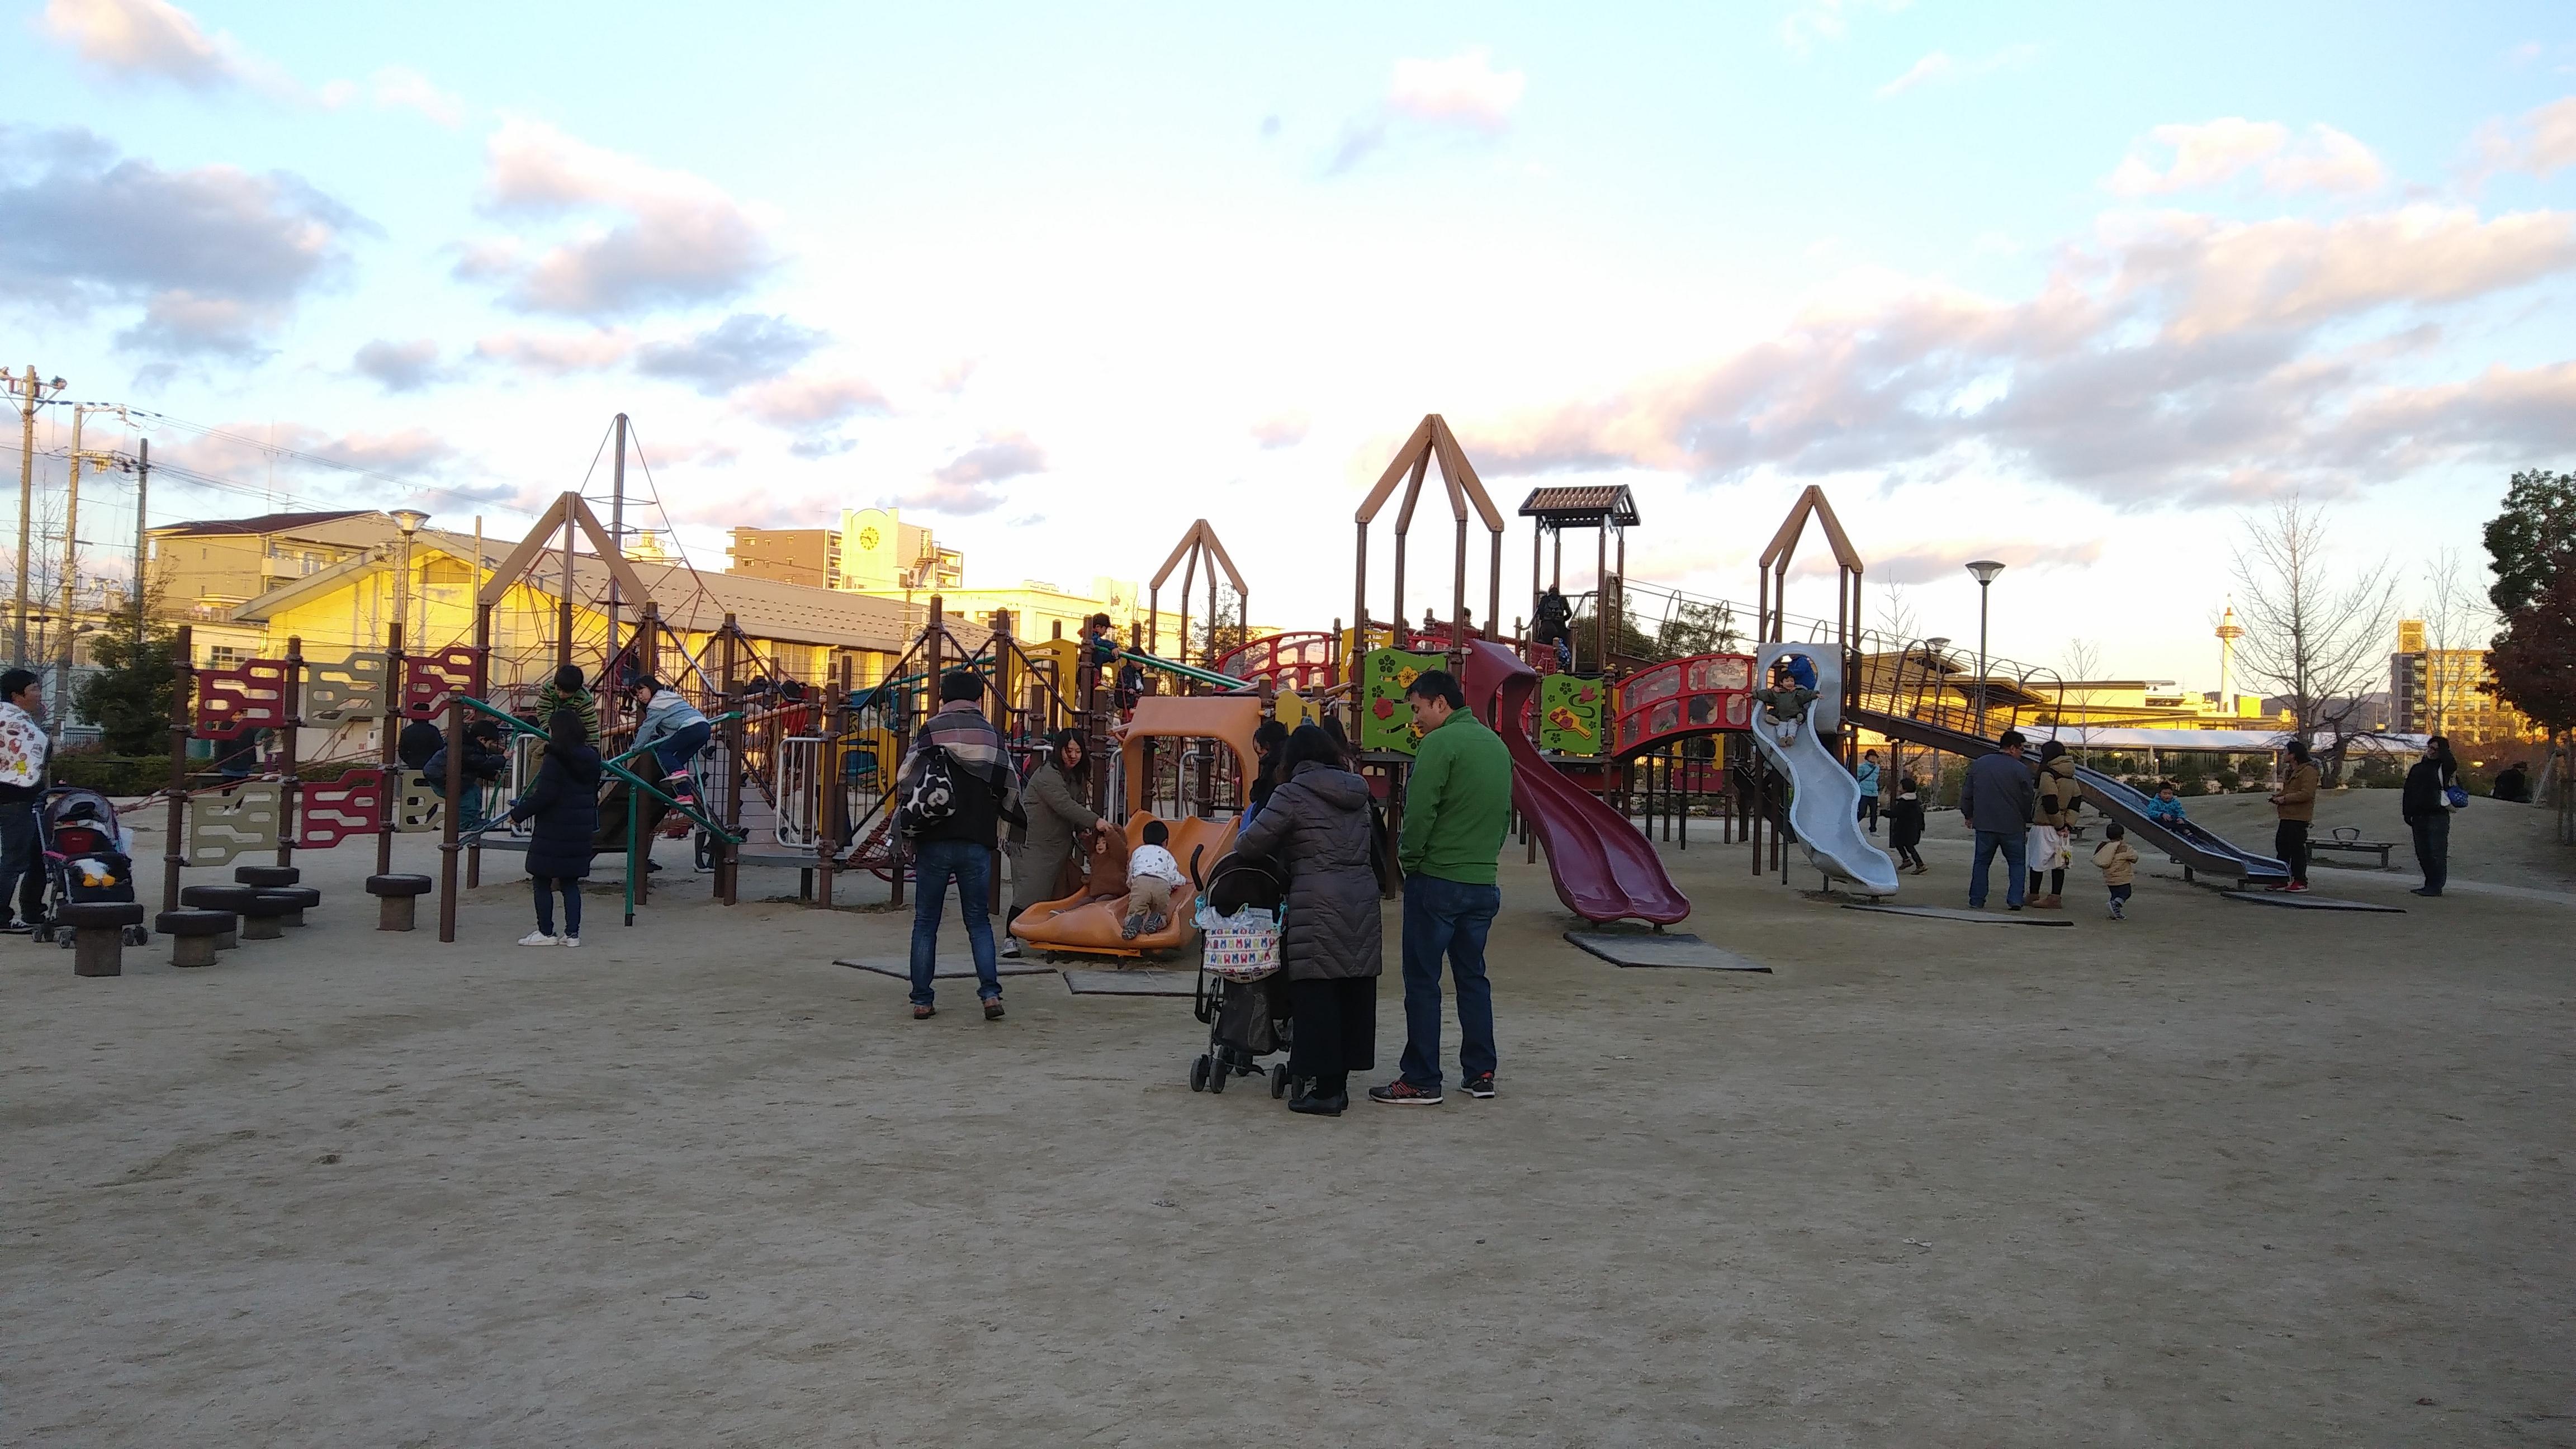 京都市梅小路公園の遊具で遊ぶ子ども